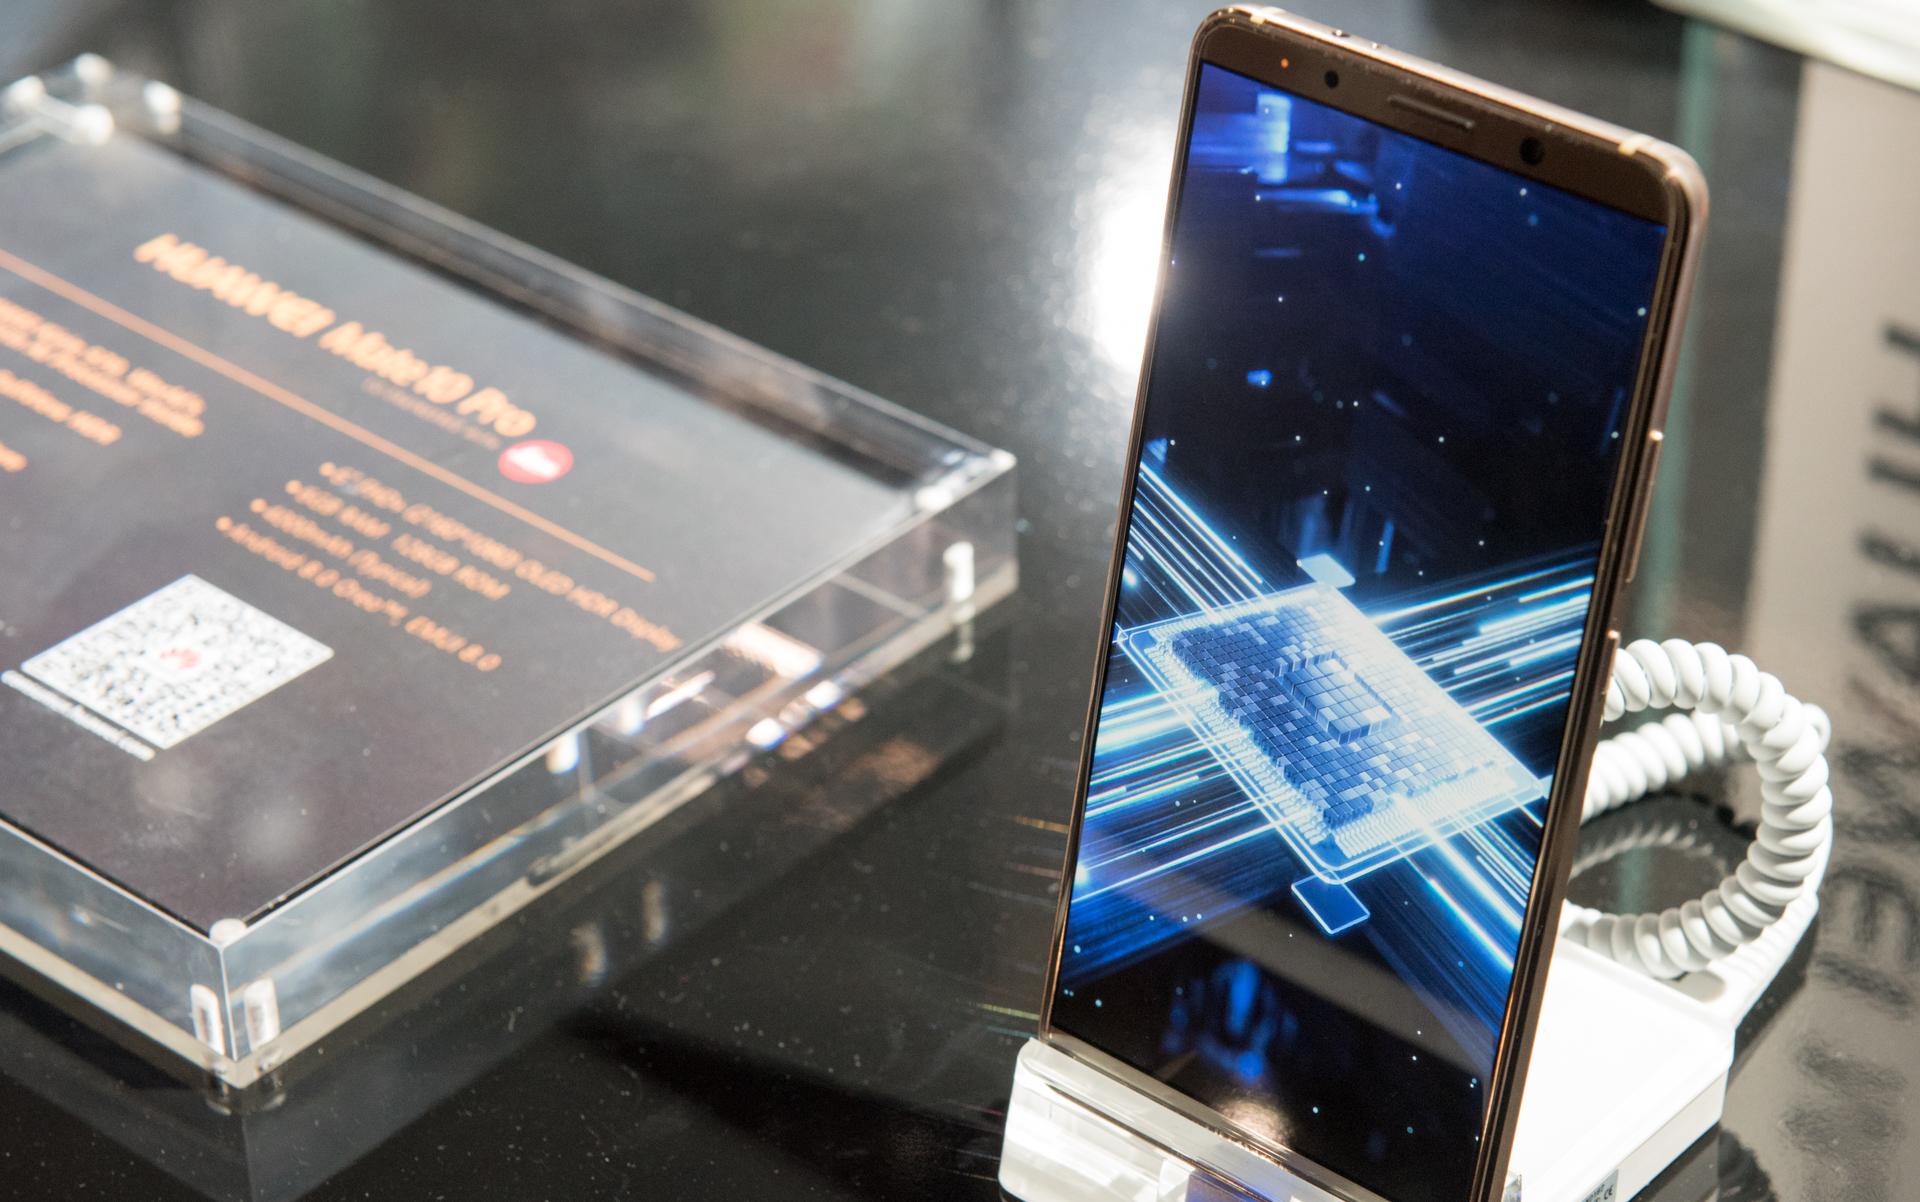 Huawei Mate 10 Pro prezzo ufficiale in Italia